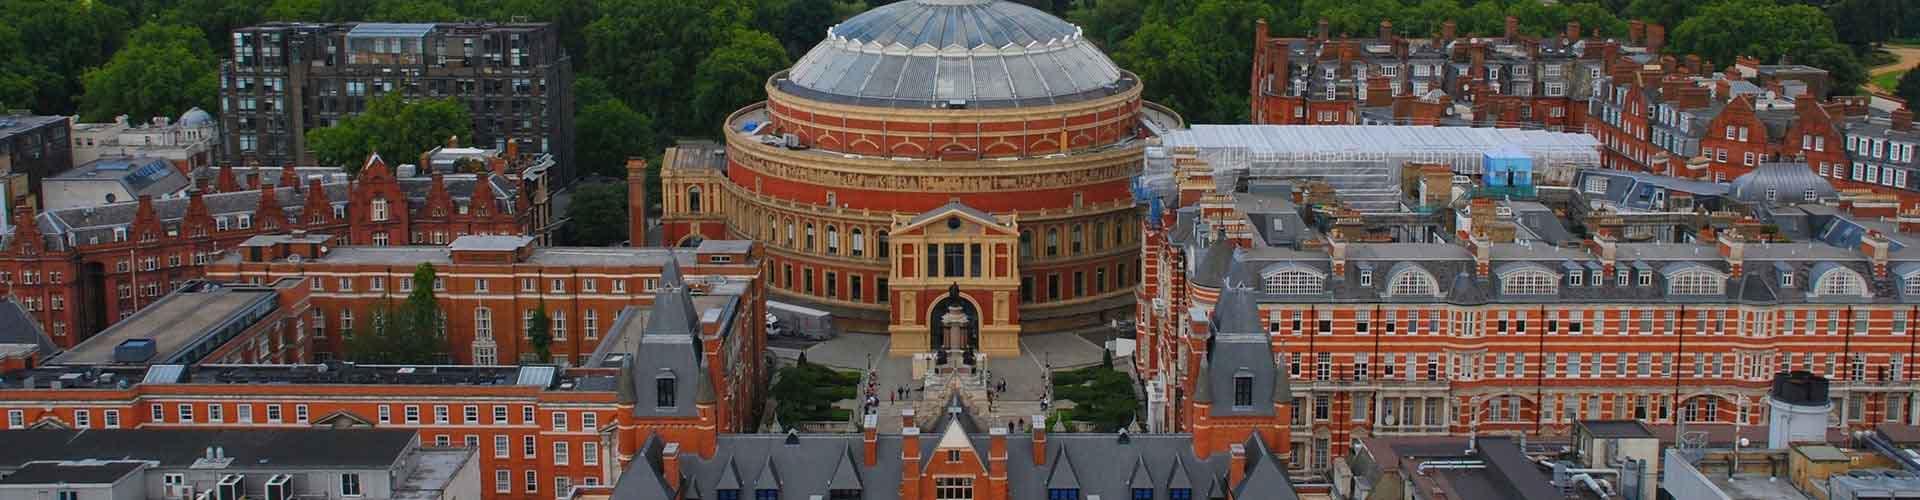 런던 - 로얄 알버트 홀에 가까운 호텔. 런던의 지도, 런던에 위치한 호텔에 대한 사진 및 리뷰.